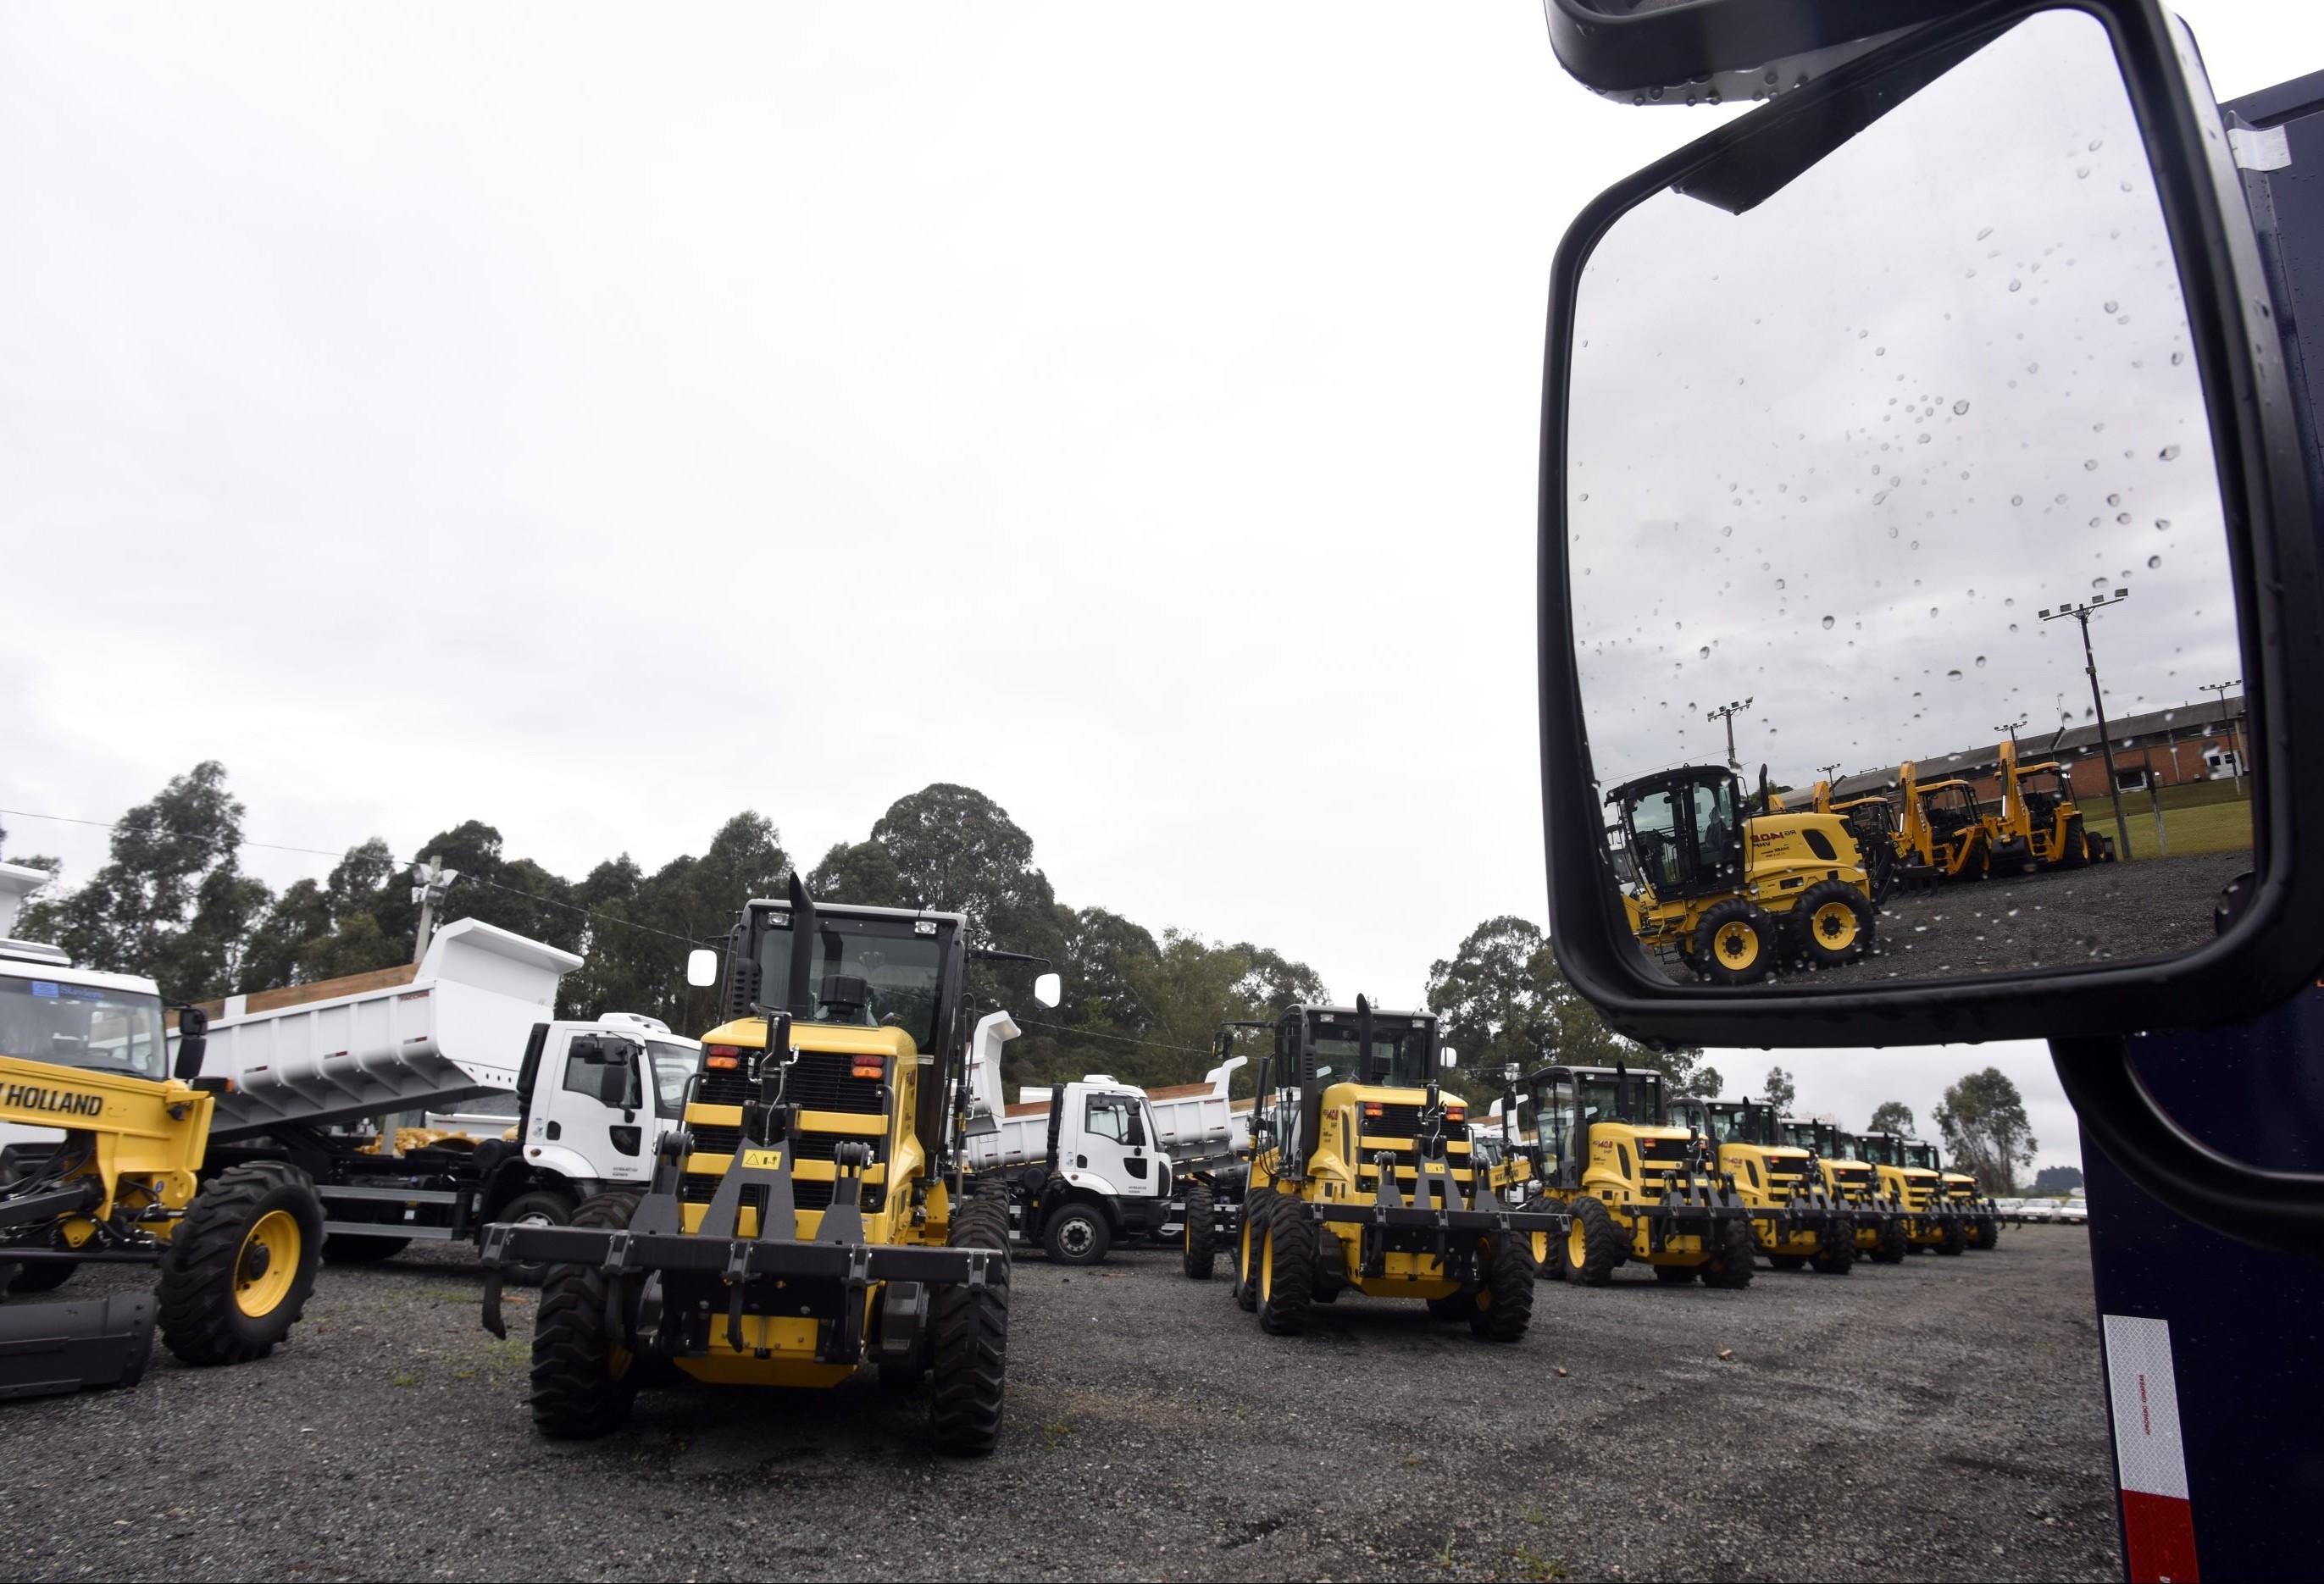 Faturamento da indústria de maquinas agrícolas deve ser 15% maior este ano